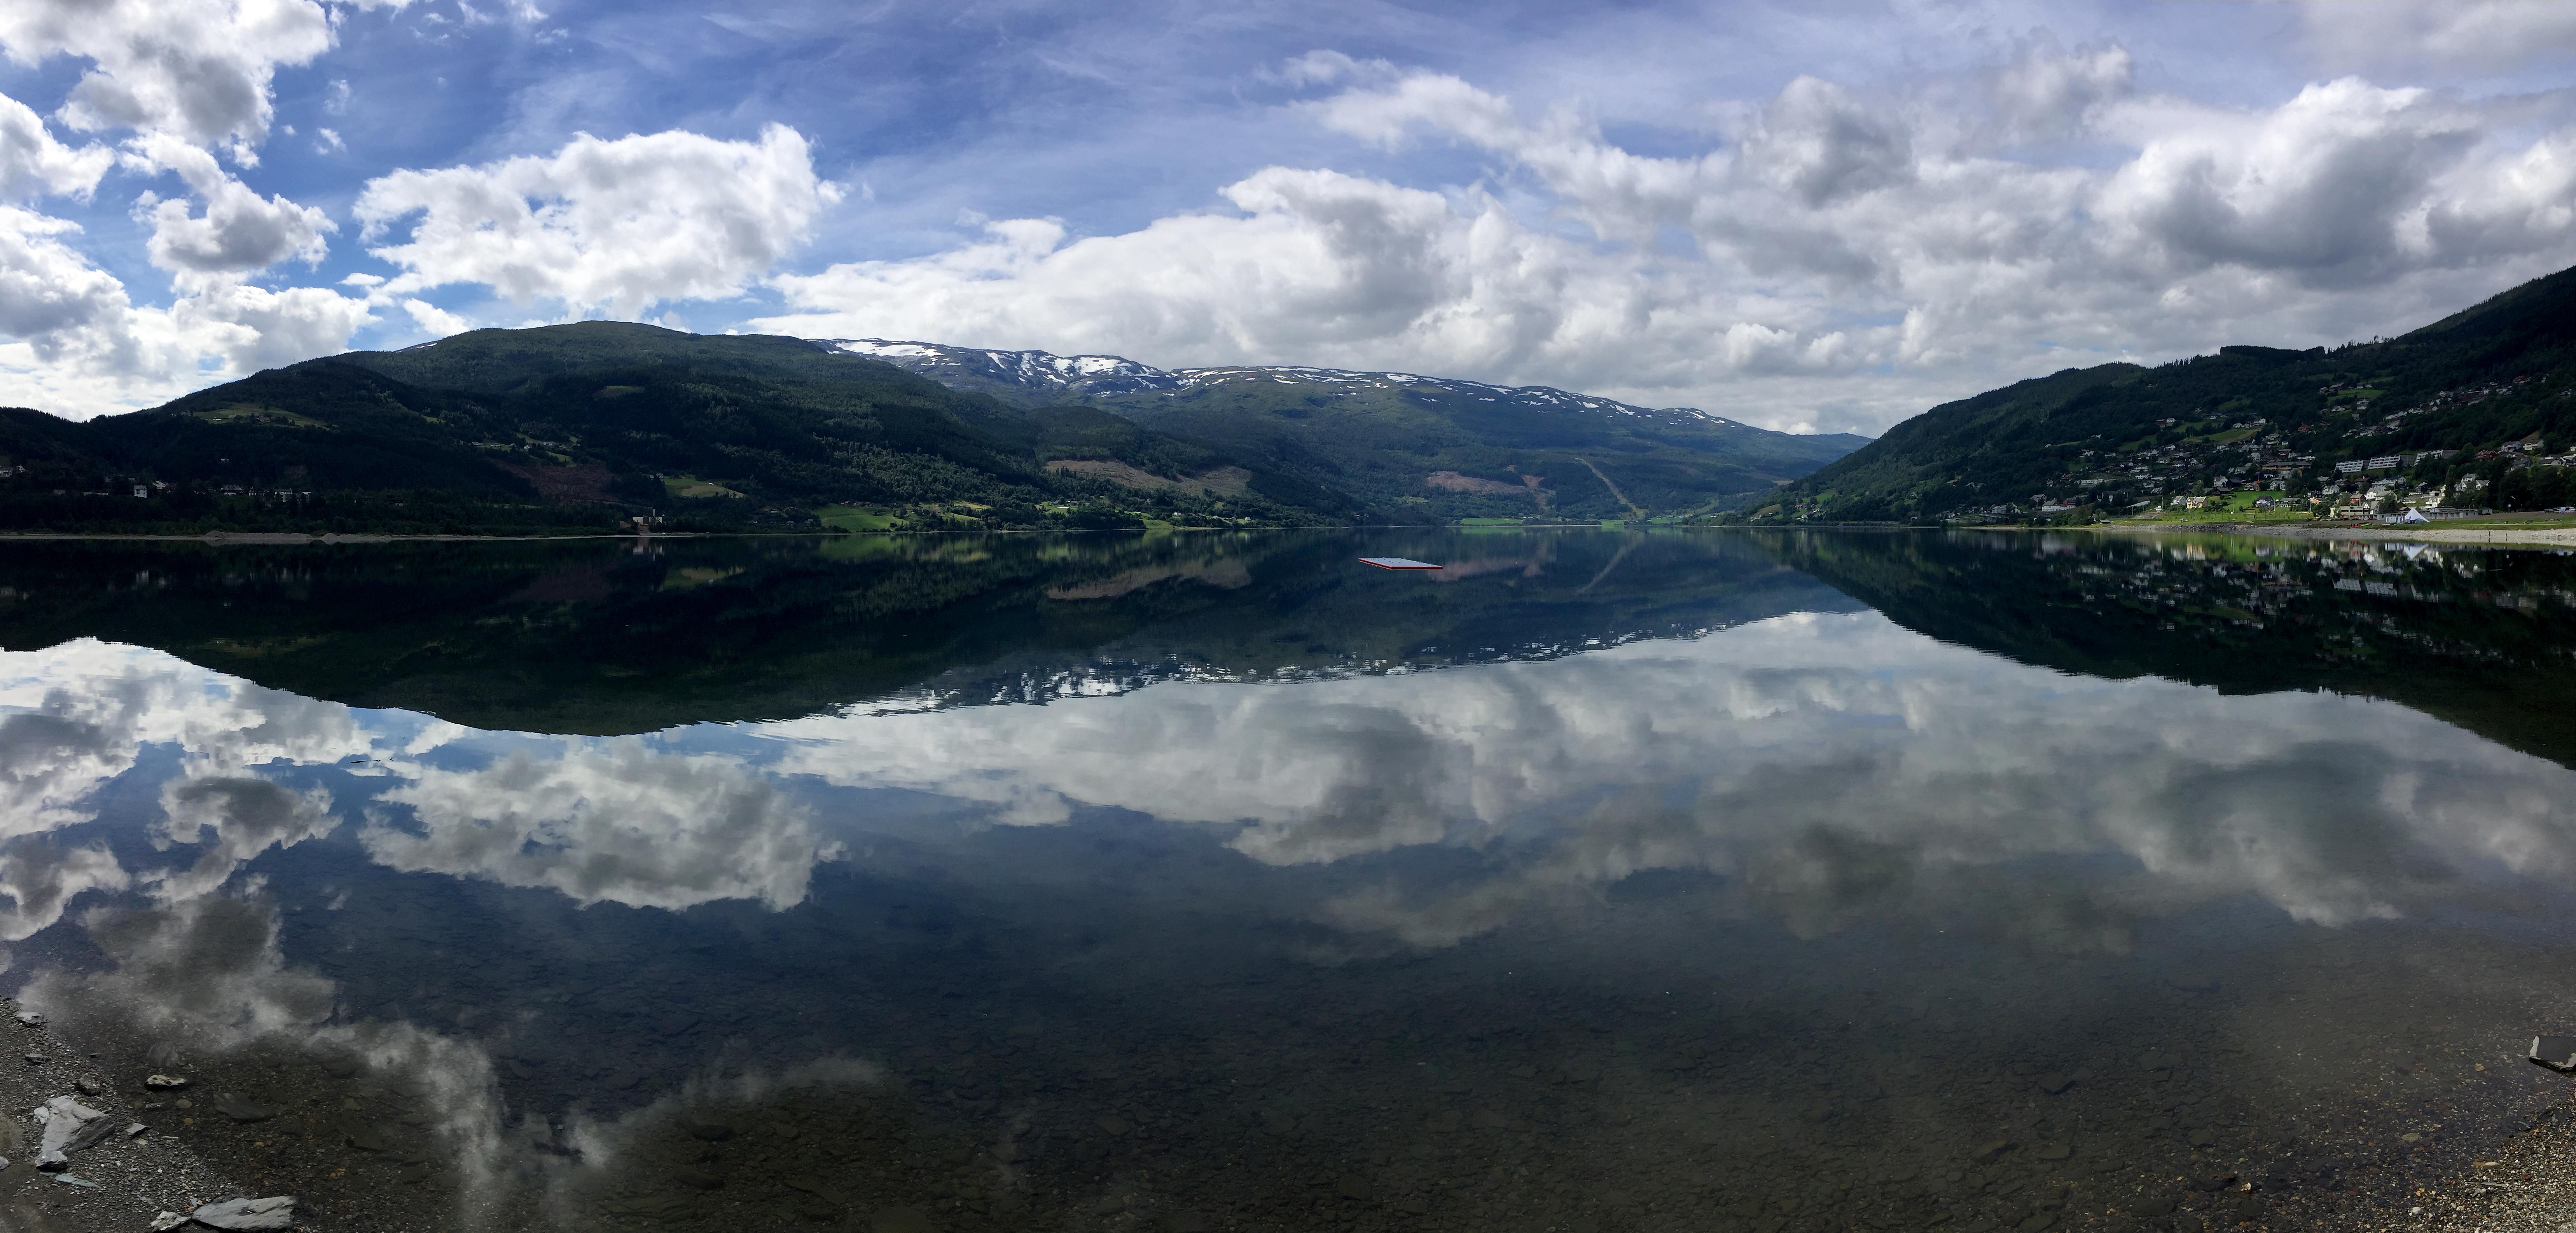 Utsikt over en innsjø med fjell i bakgrunnen.